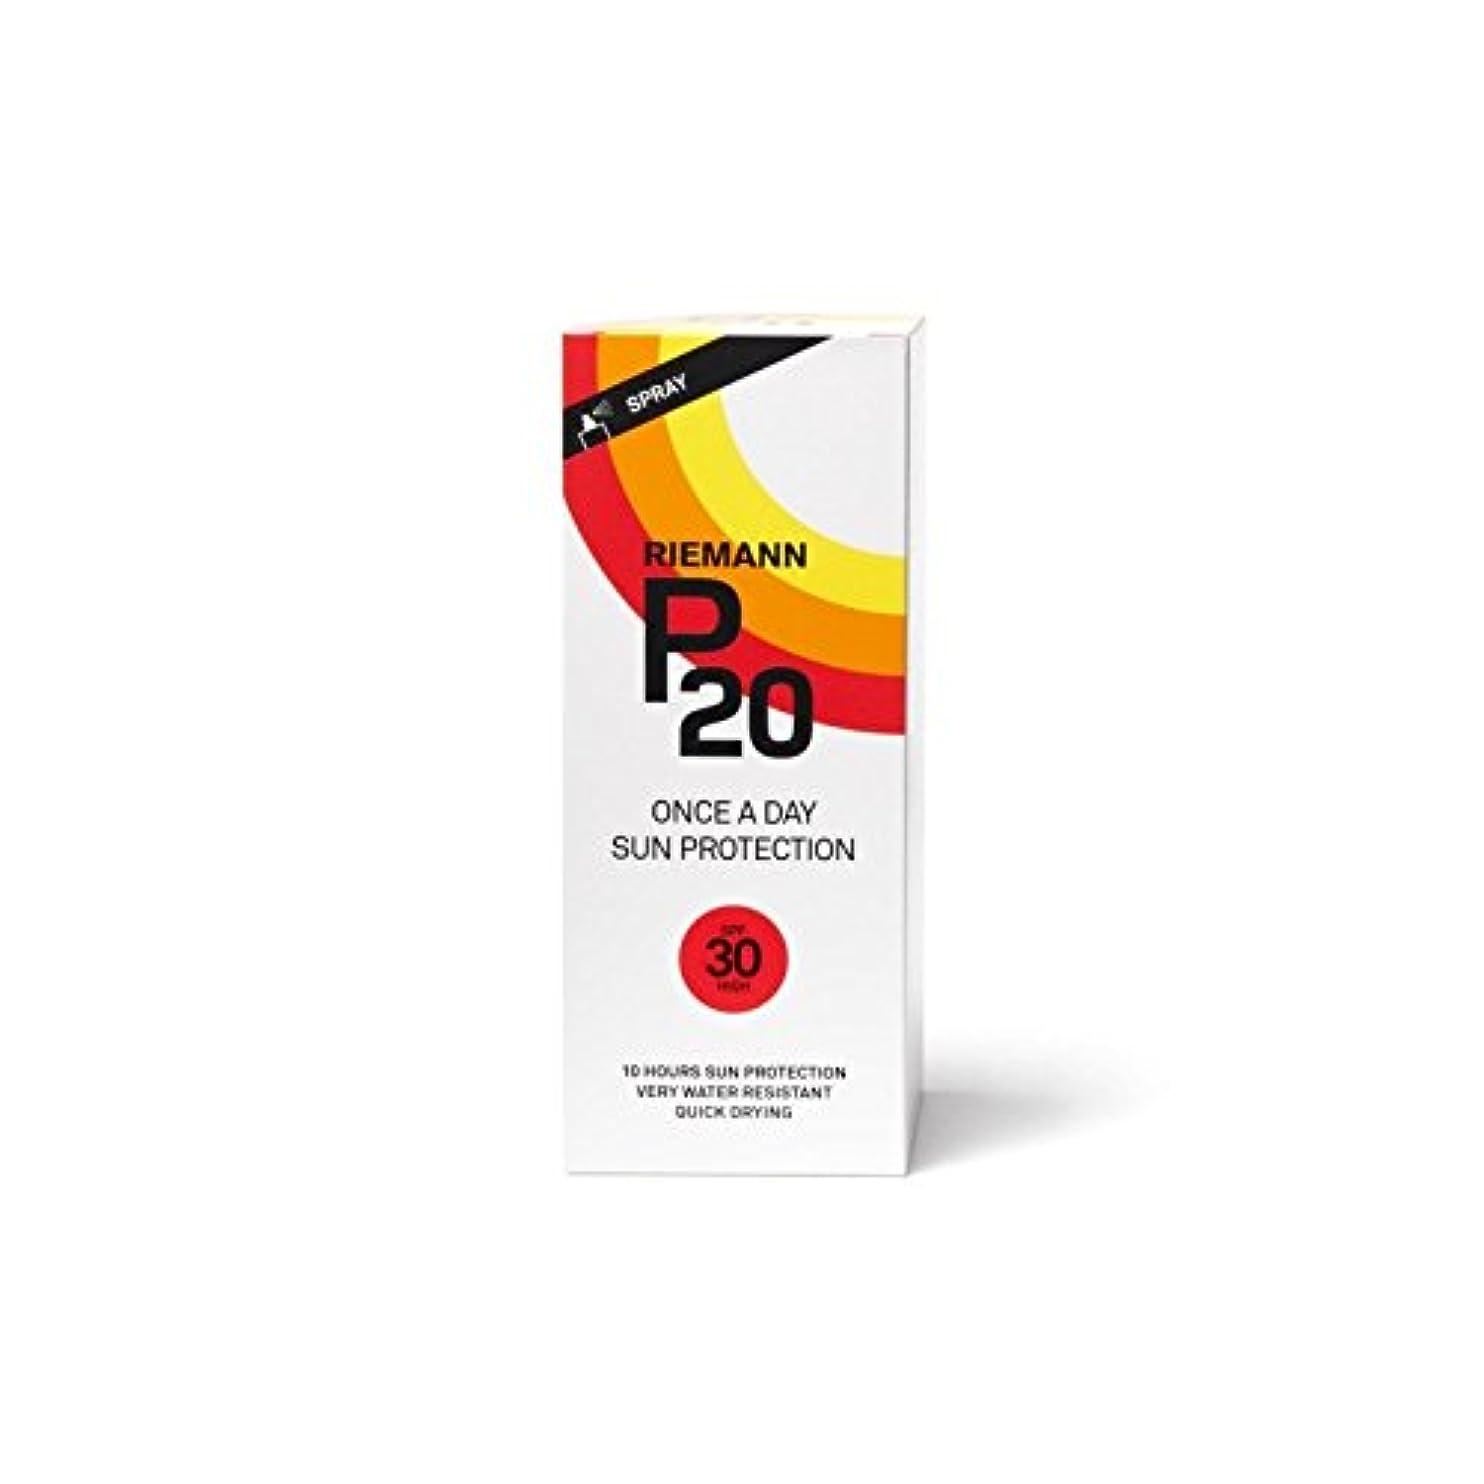 爆風ホイール識別Riemann P20 Sun Filter 200ml SPF30 (Pack of 6) - リーマン20のサンフィルター200ミリリットル30 x6 [並行輸入品]